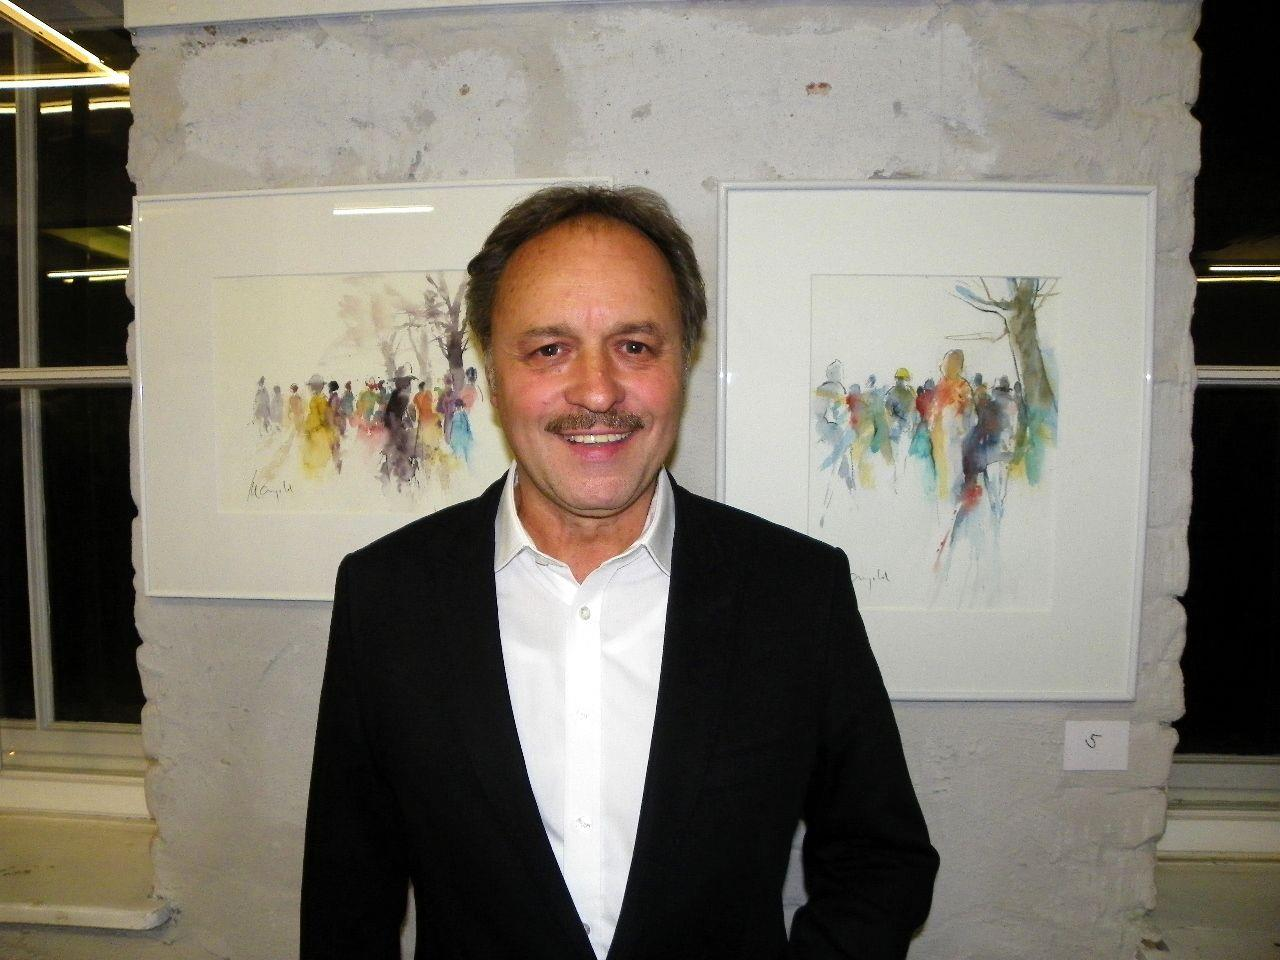 Künstler Gerhard Mangold präsentierte Aquarellarbeiten